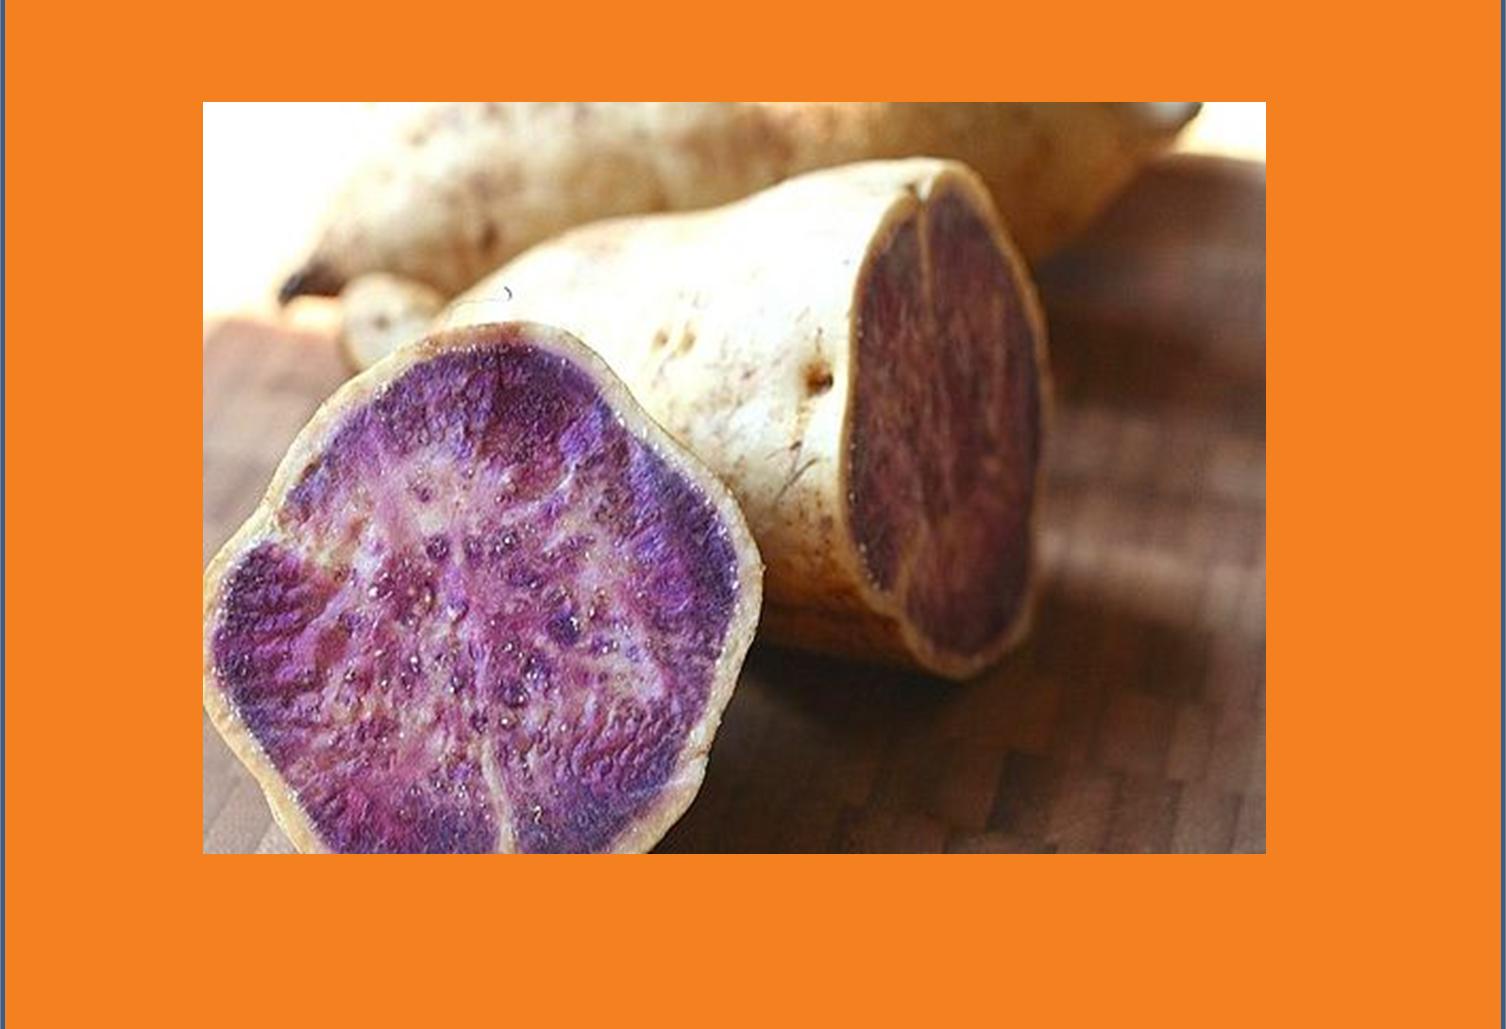 Sweet Potato Superfood By Joe Lewis Yam Wiring Diagram